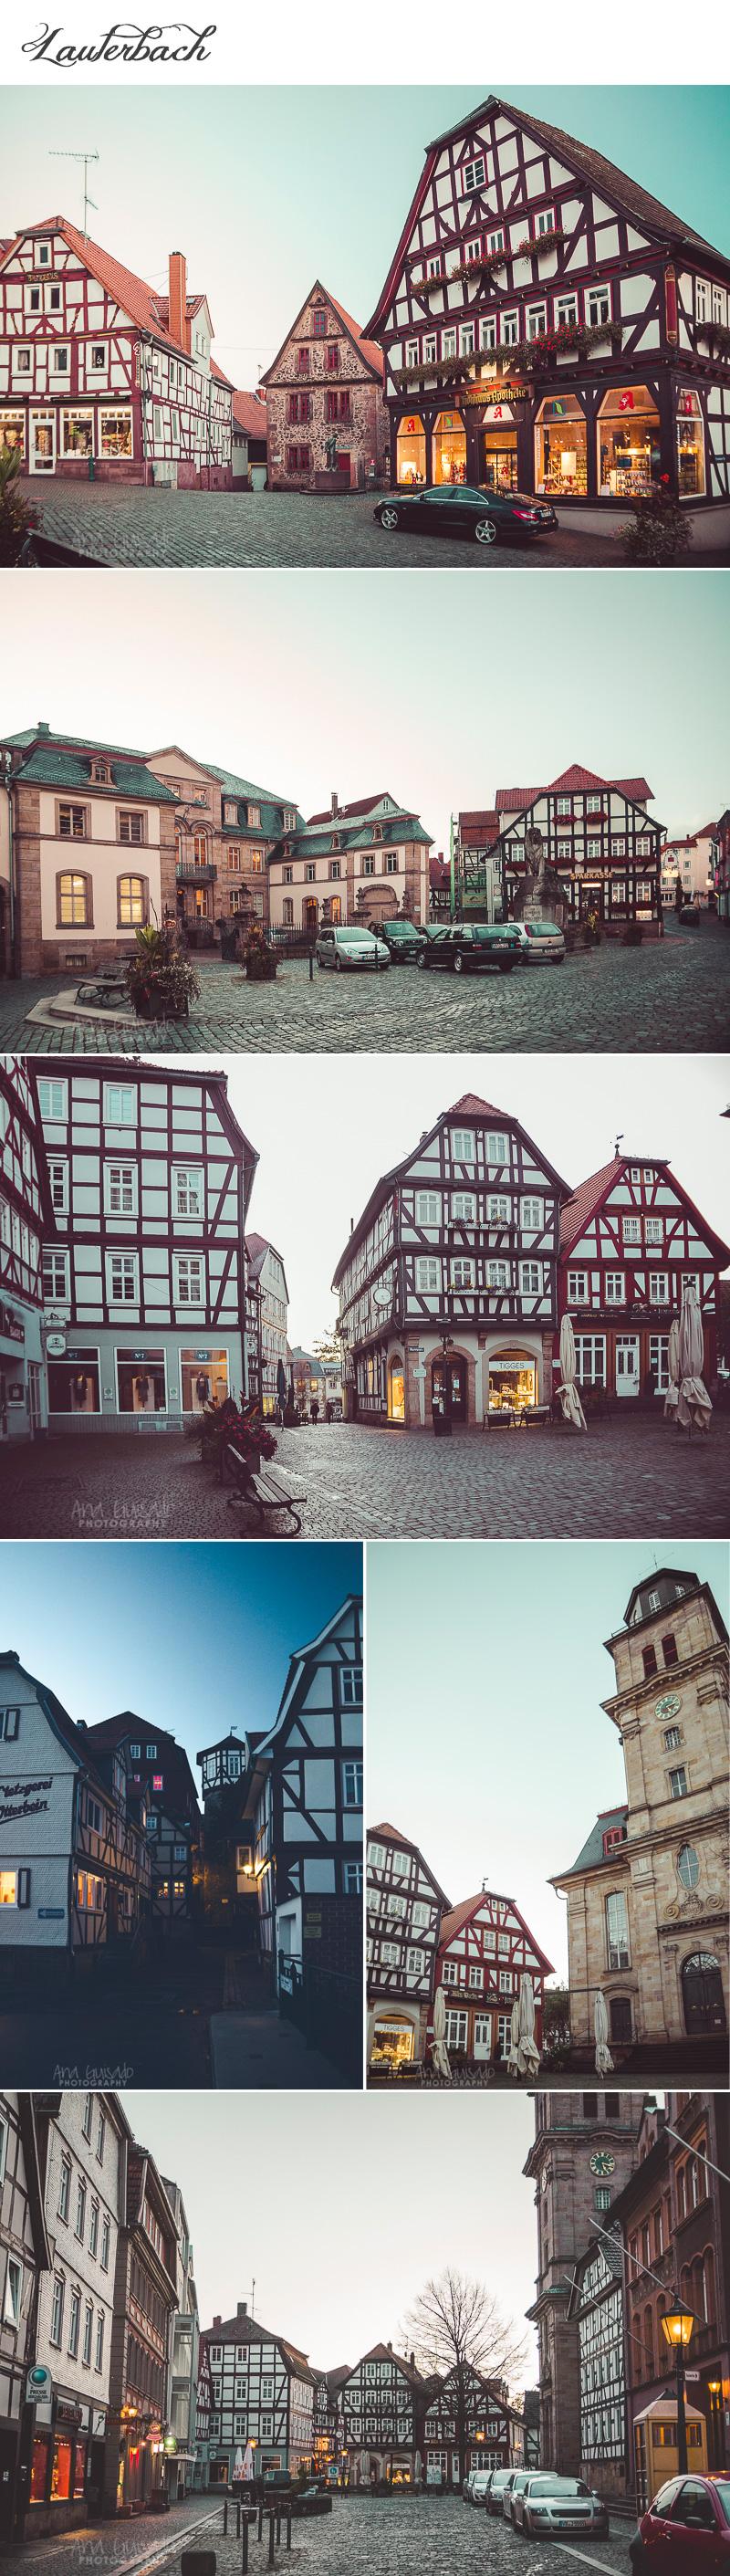 Lauterbach_1